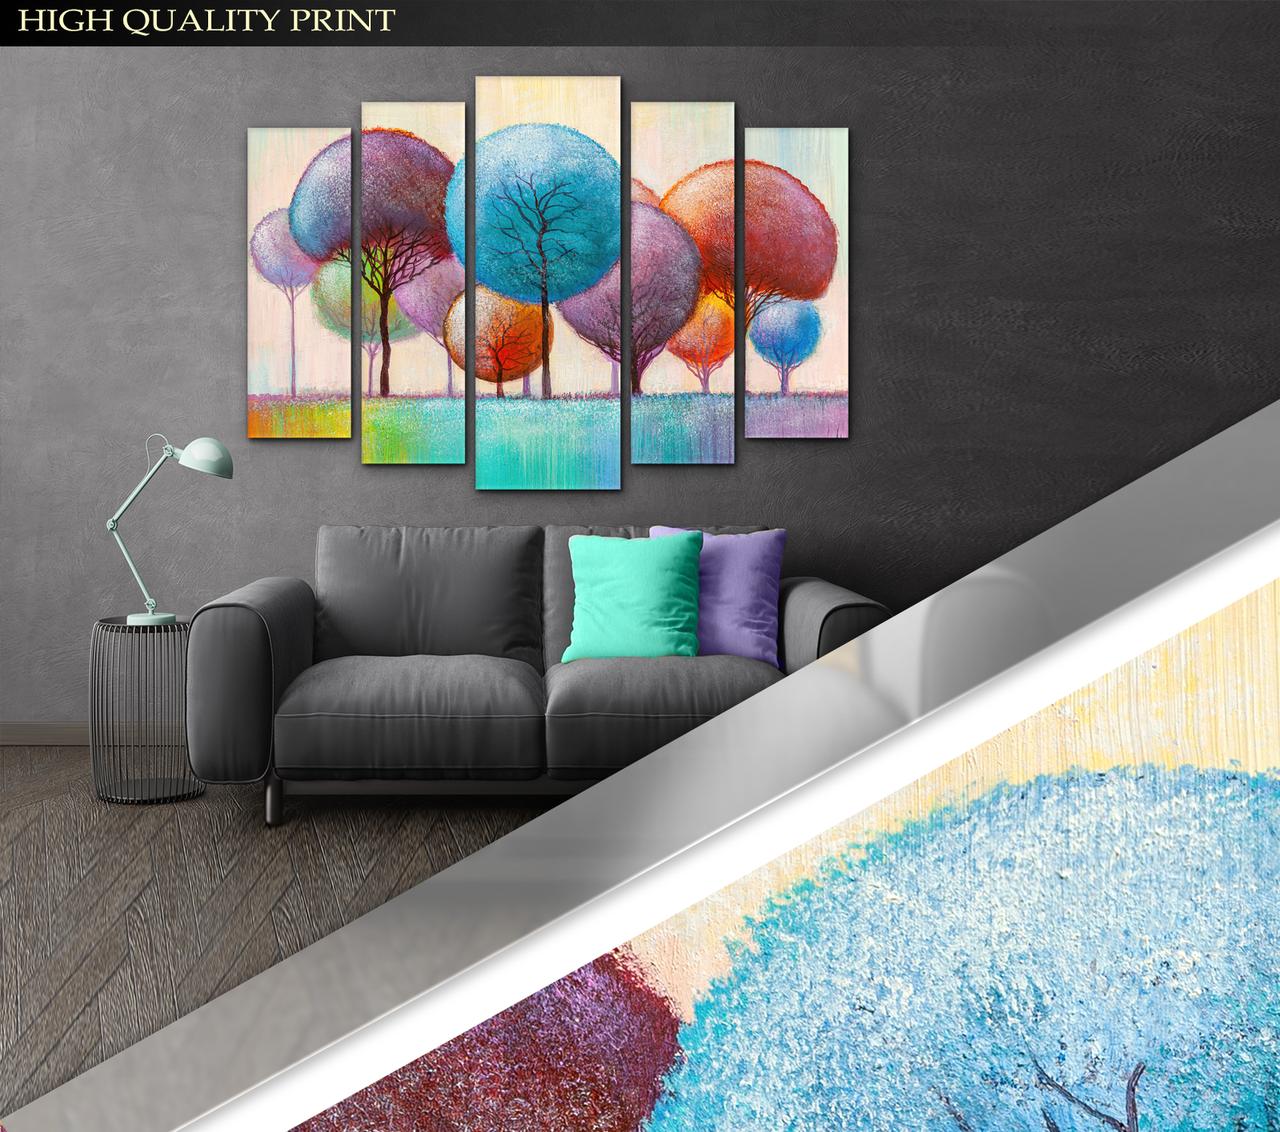 Модульна картина Poster-land у вітальню / спальню Абстракція Казковий ліс Art-458_5 ( 80х118см ) Poster-land